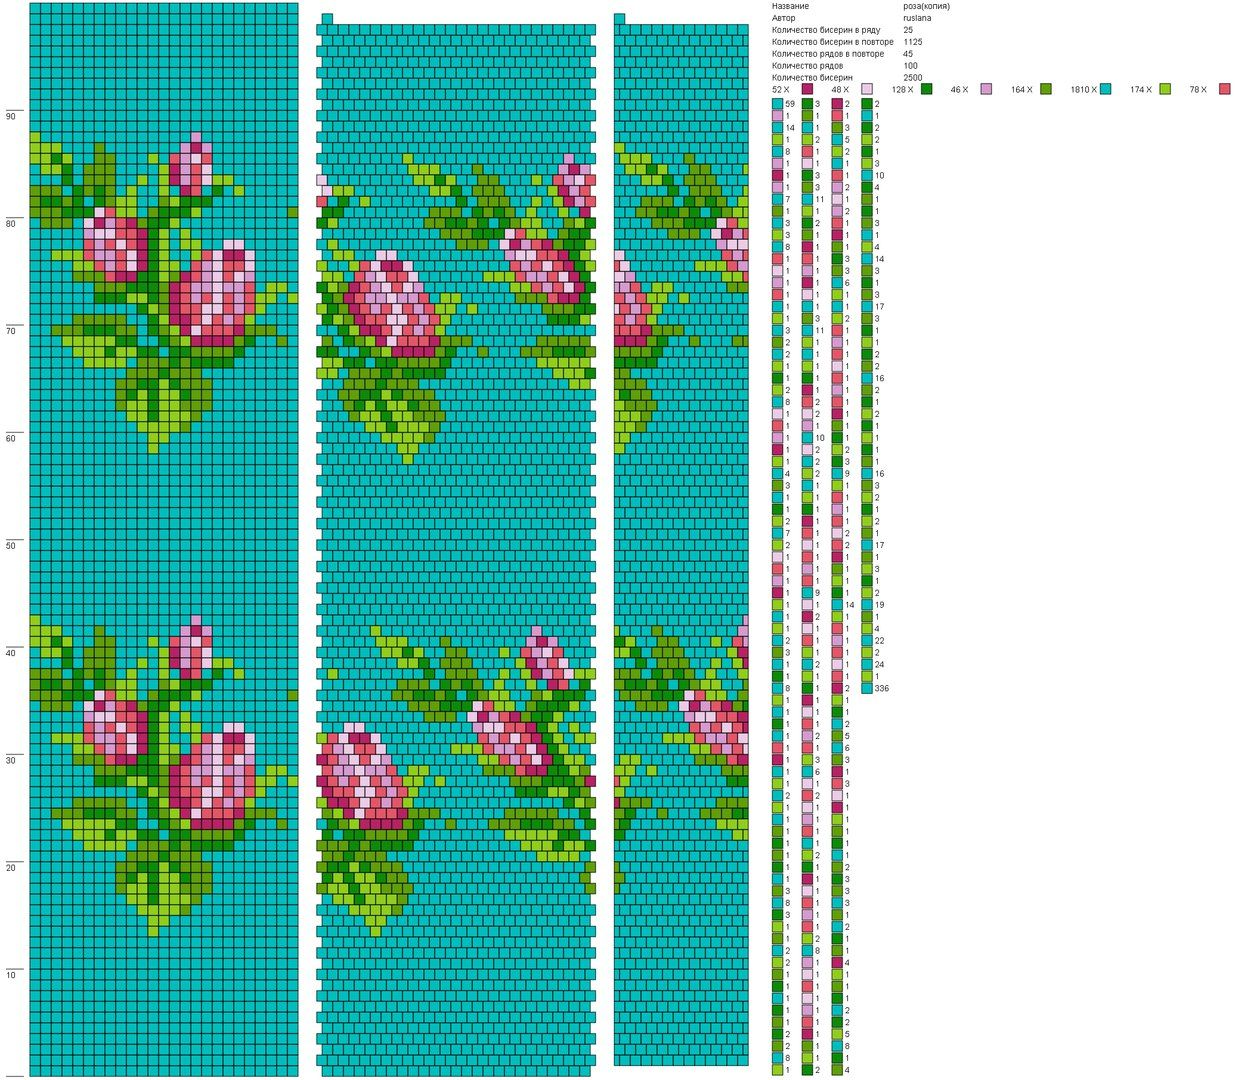 Жгуты из бисера схемы | Schlauchkette Blumen | Pinterest ...